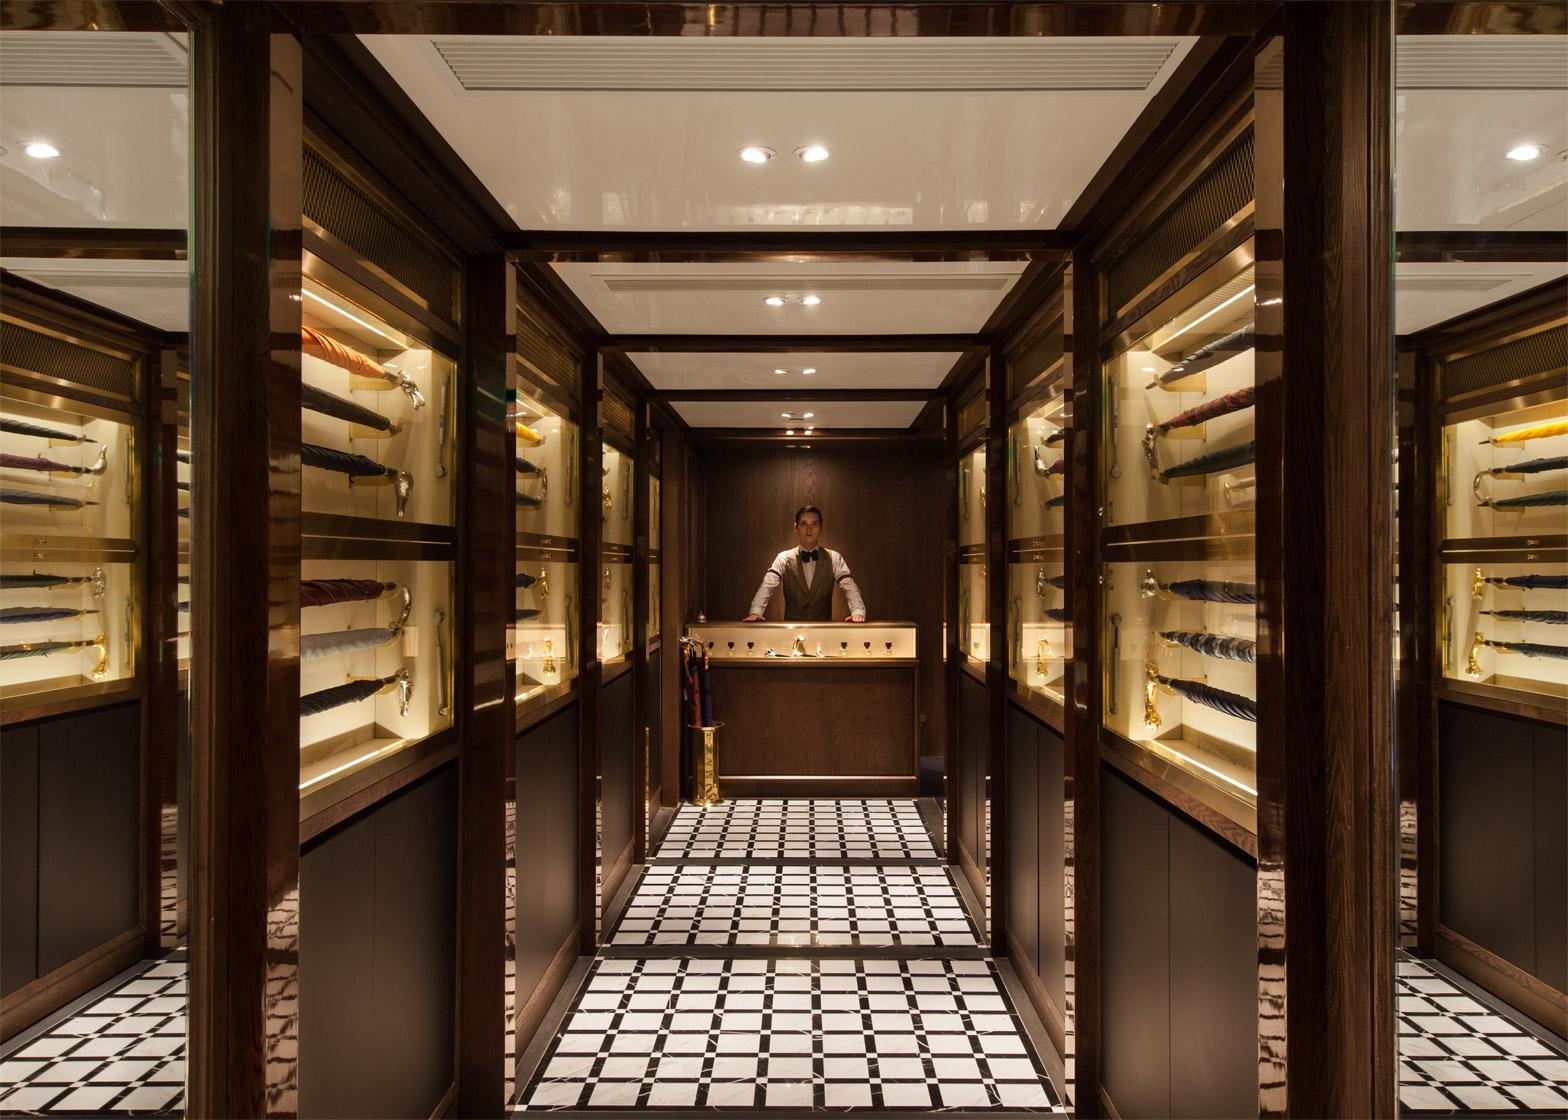 Foxglove speakeasy by NC Design & Architecture is hidden behind an umbrella shop